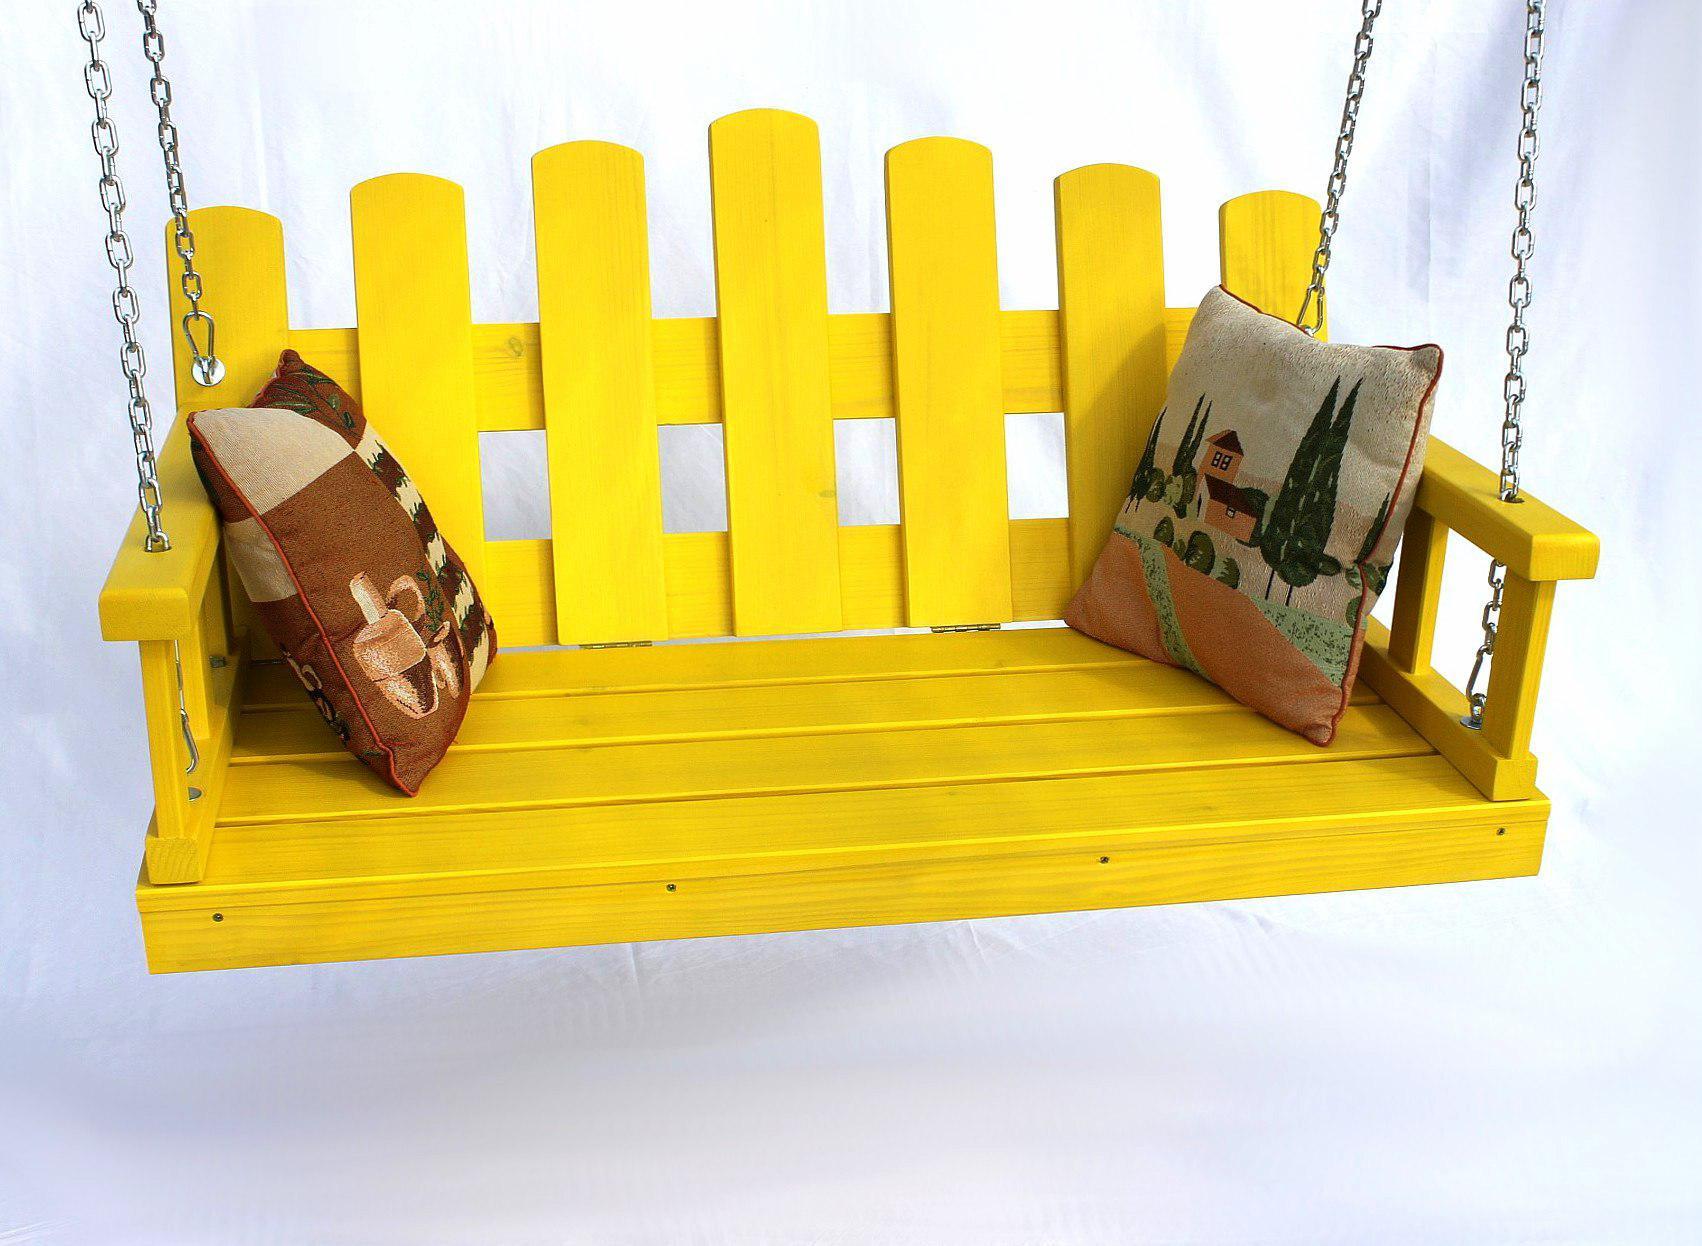 Hollywoodschaukel Holz Mit Auflage ~   mit Ketten und Auflage Gartenschaukel Hollywoodschaukel Hängesessel 4